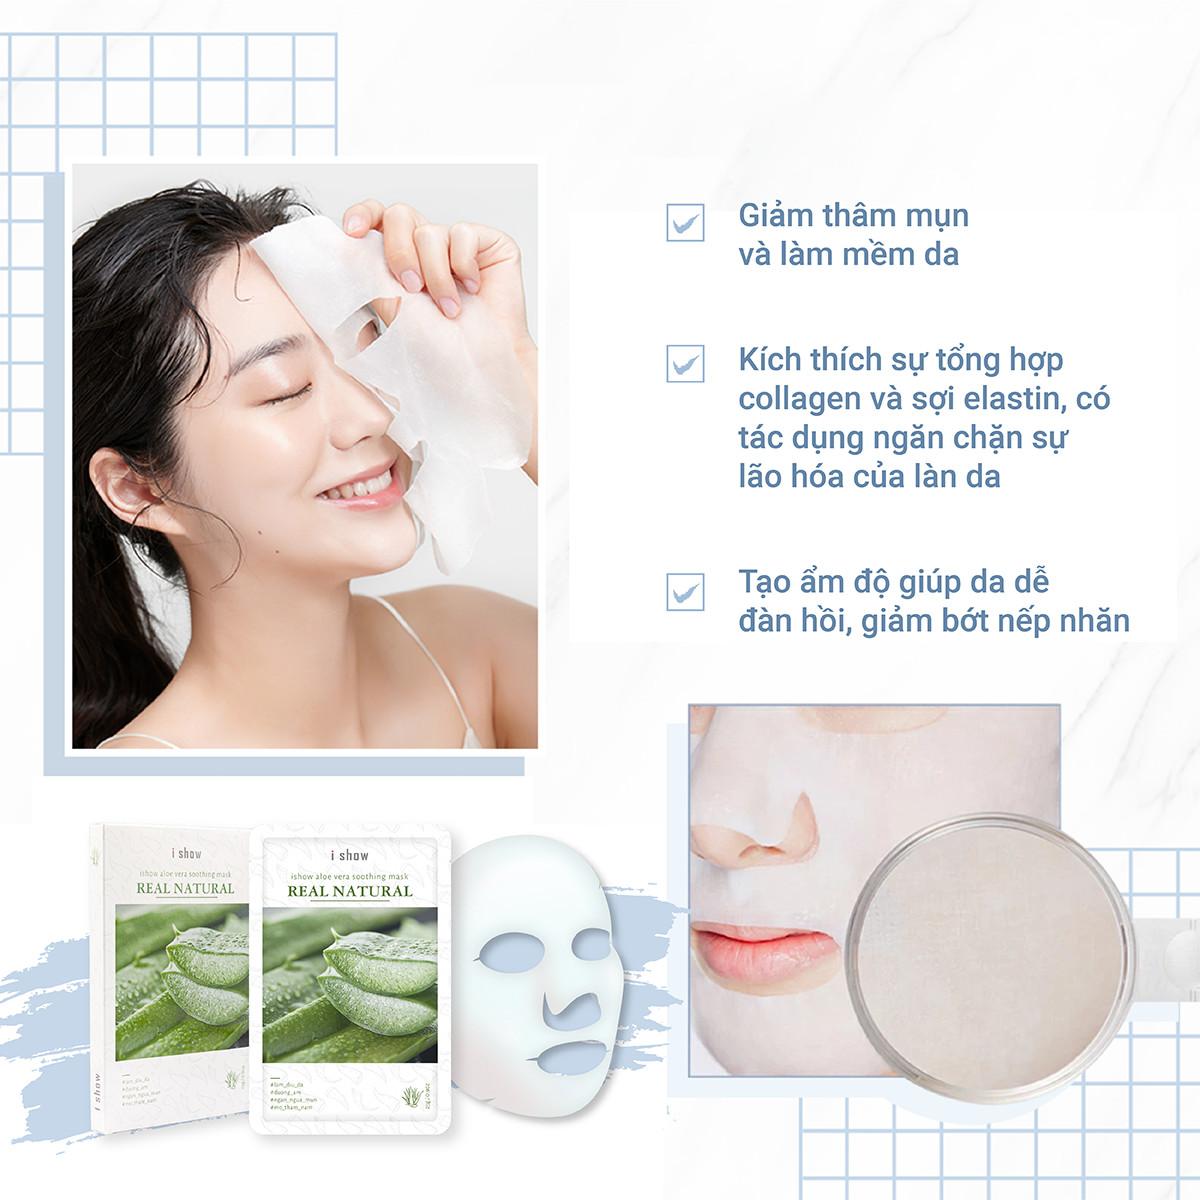 Mặt Nạ Dưỡng Ẩm, Ngừa Mụn Da Chiết Xuất Nha Đam ishow Aloe Vera Soothing Mask